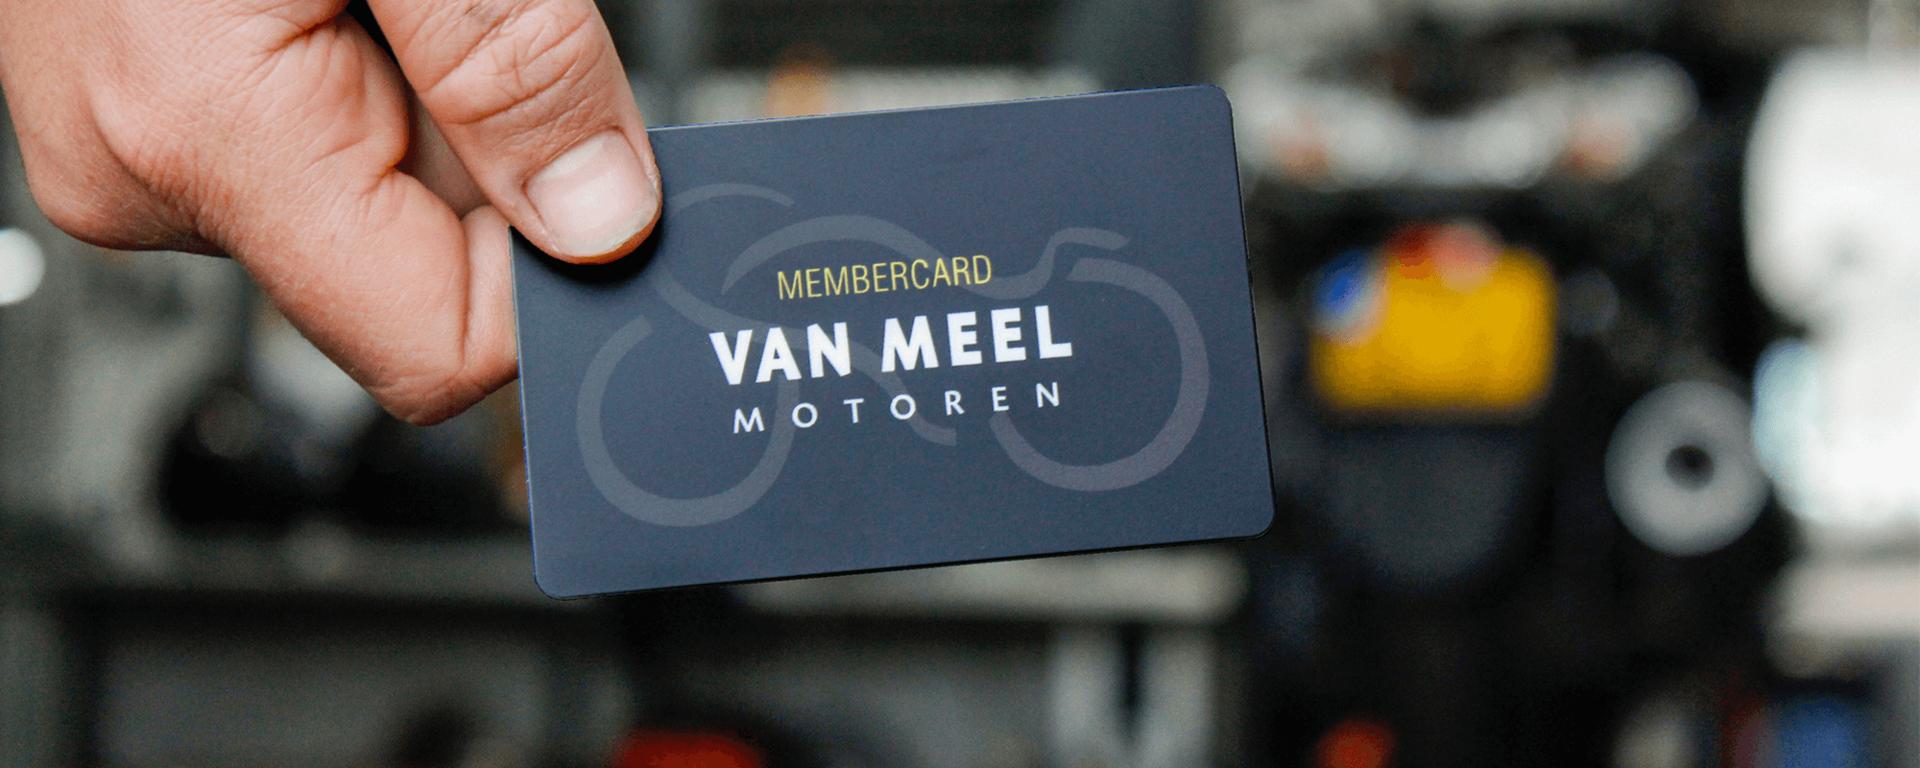 Van Meel Motoren VIP member